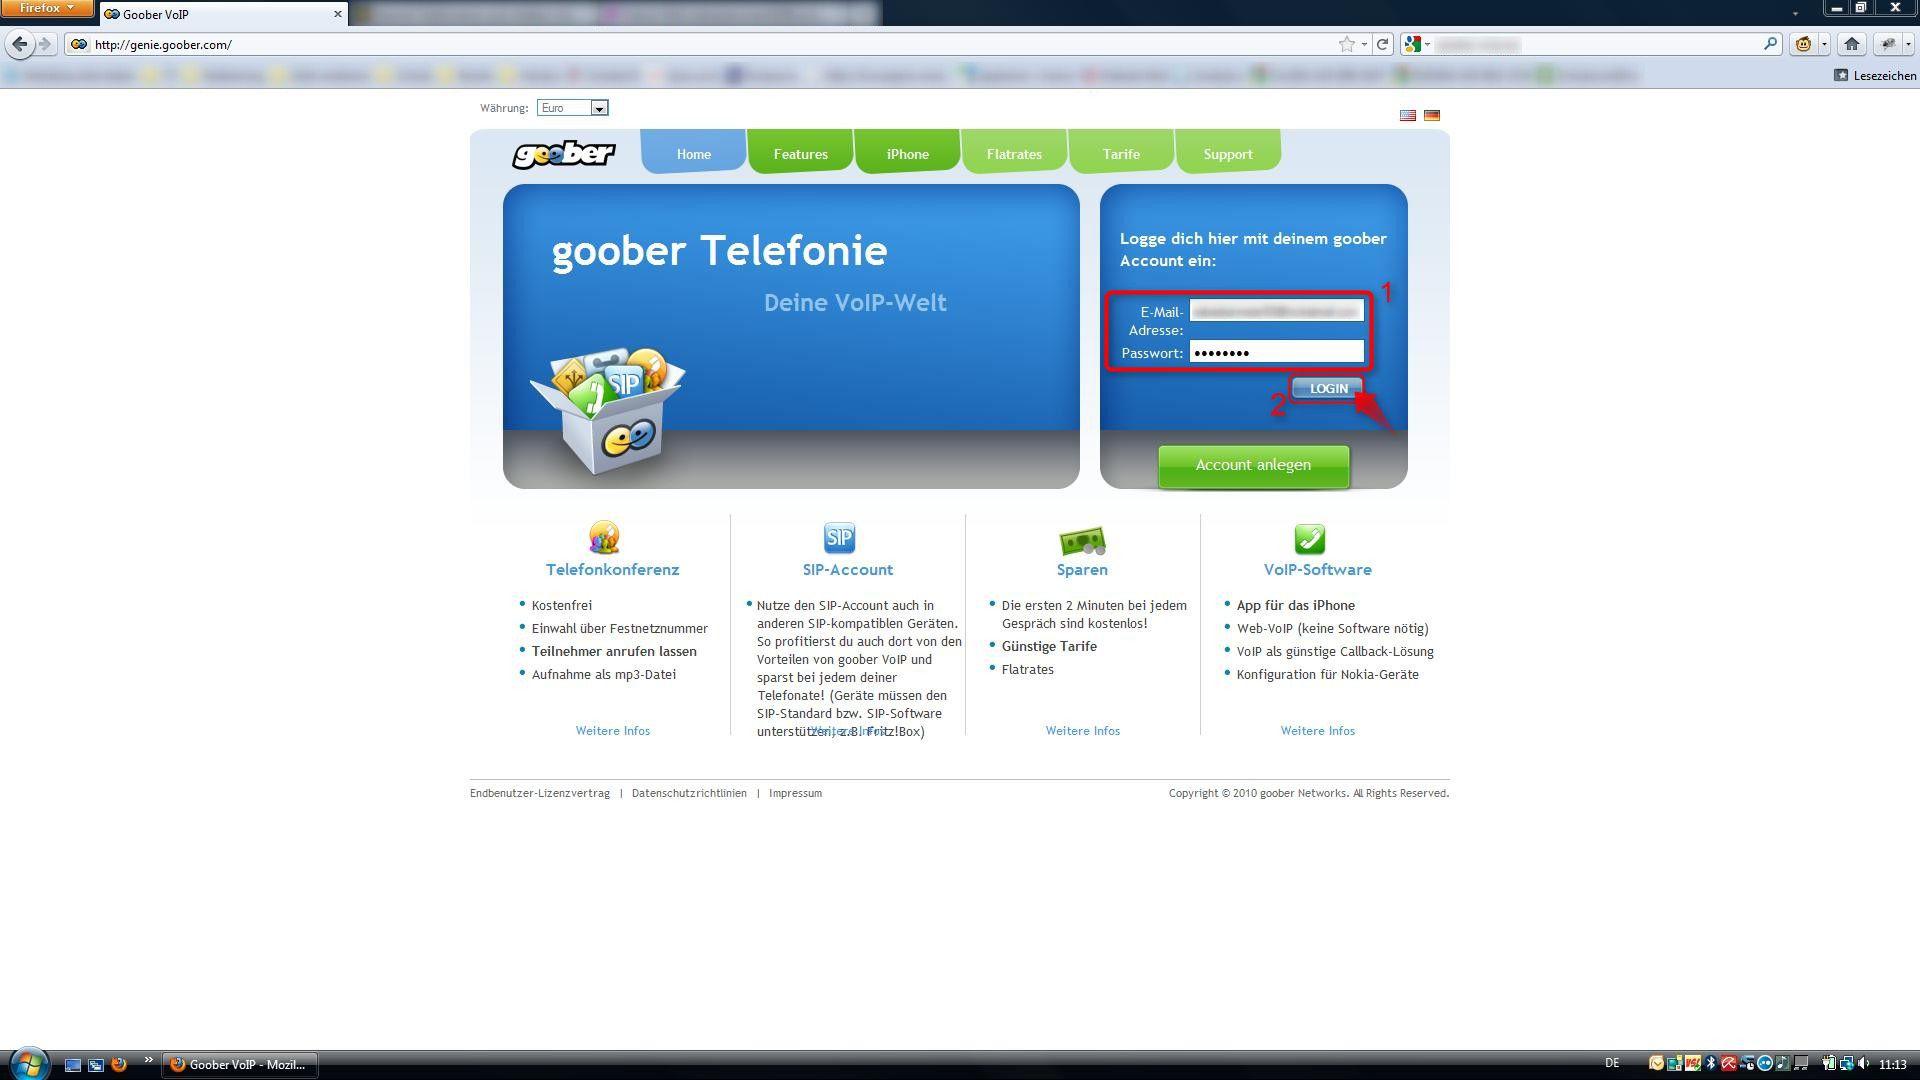 07-ipod-touch-in-iphone-verwandeln-goober-voip-online-einloggen-470.jpg?nocache=1303495944069